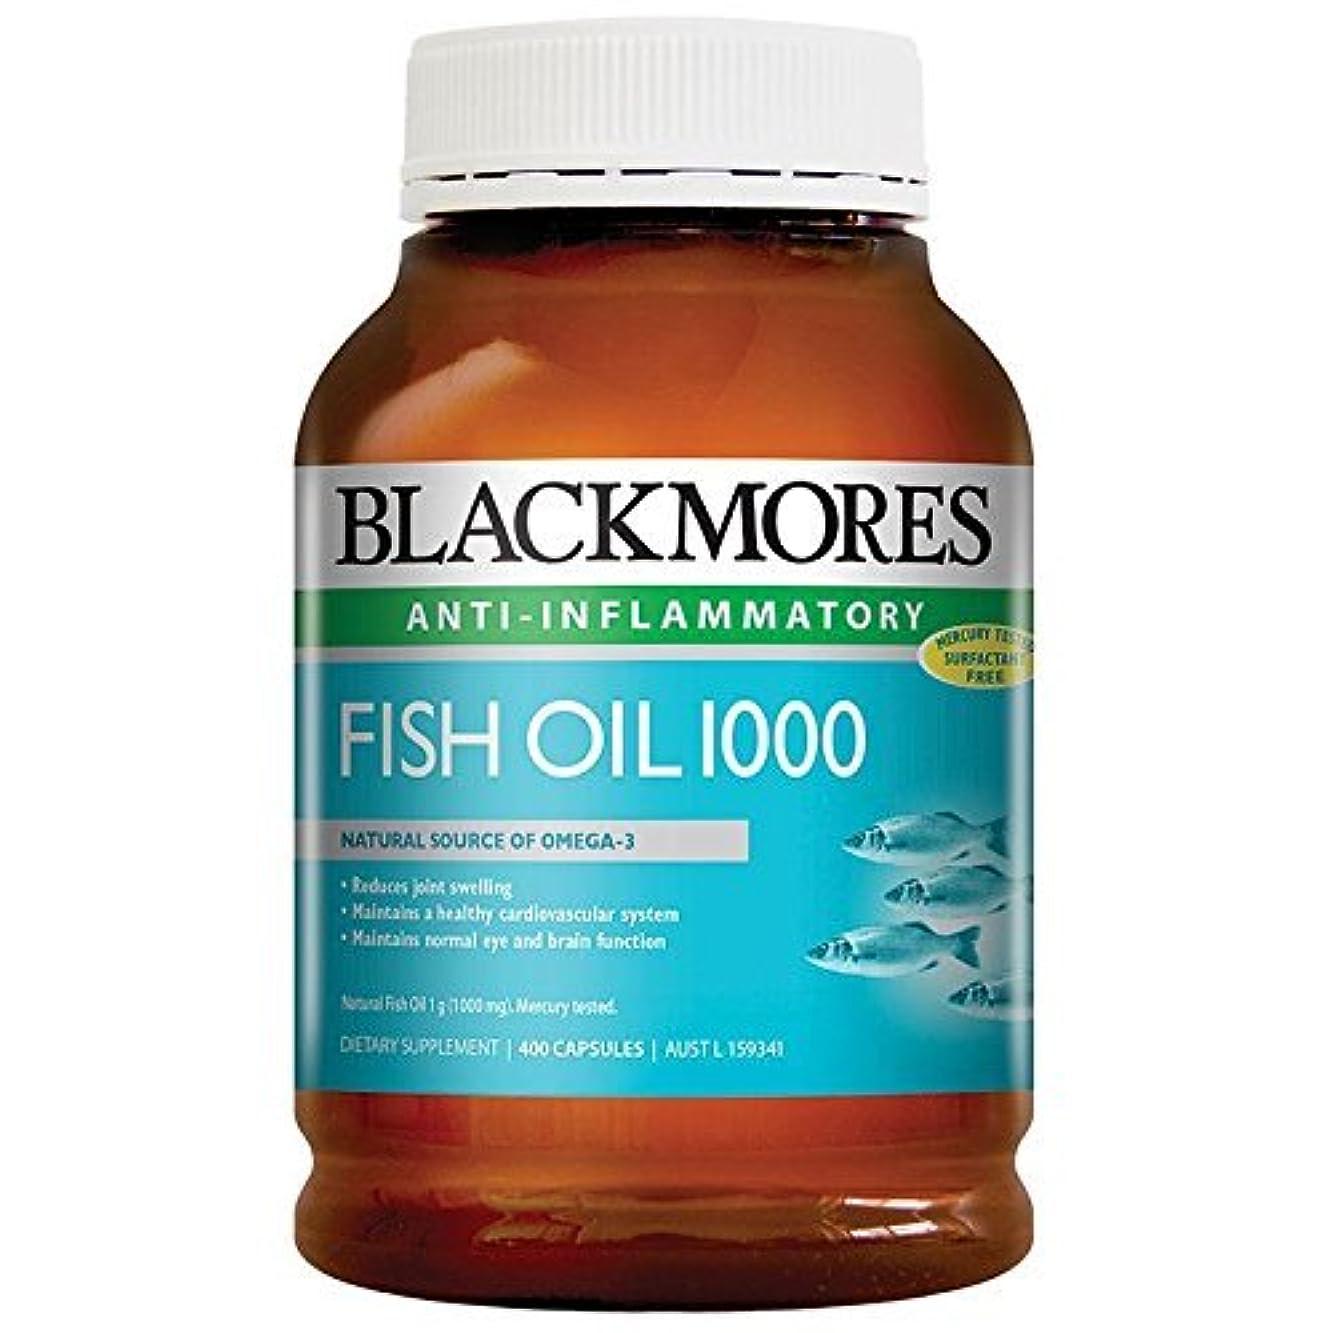 苦しめる写真を撮る収益Blackmores Fish Oil 400 Caps 1000 Omega3 Dha, EPA Fatty Acids with 1pcs Chinese Knot Gift by Blackmores LTD